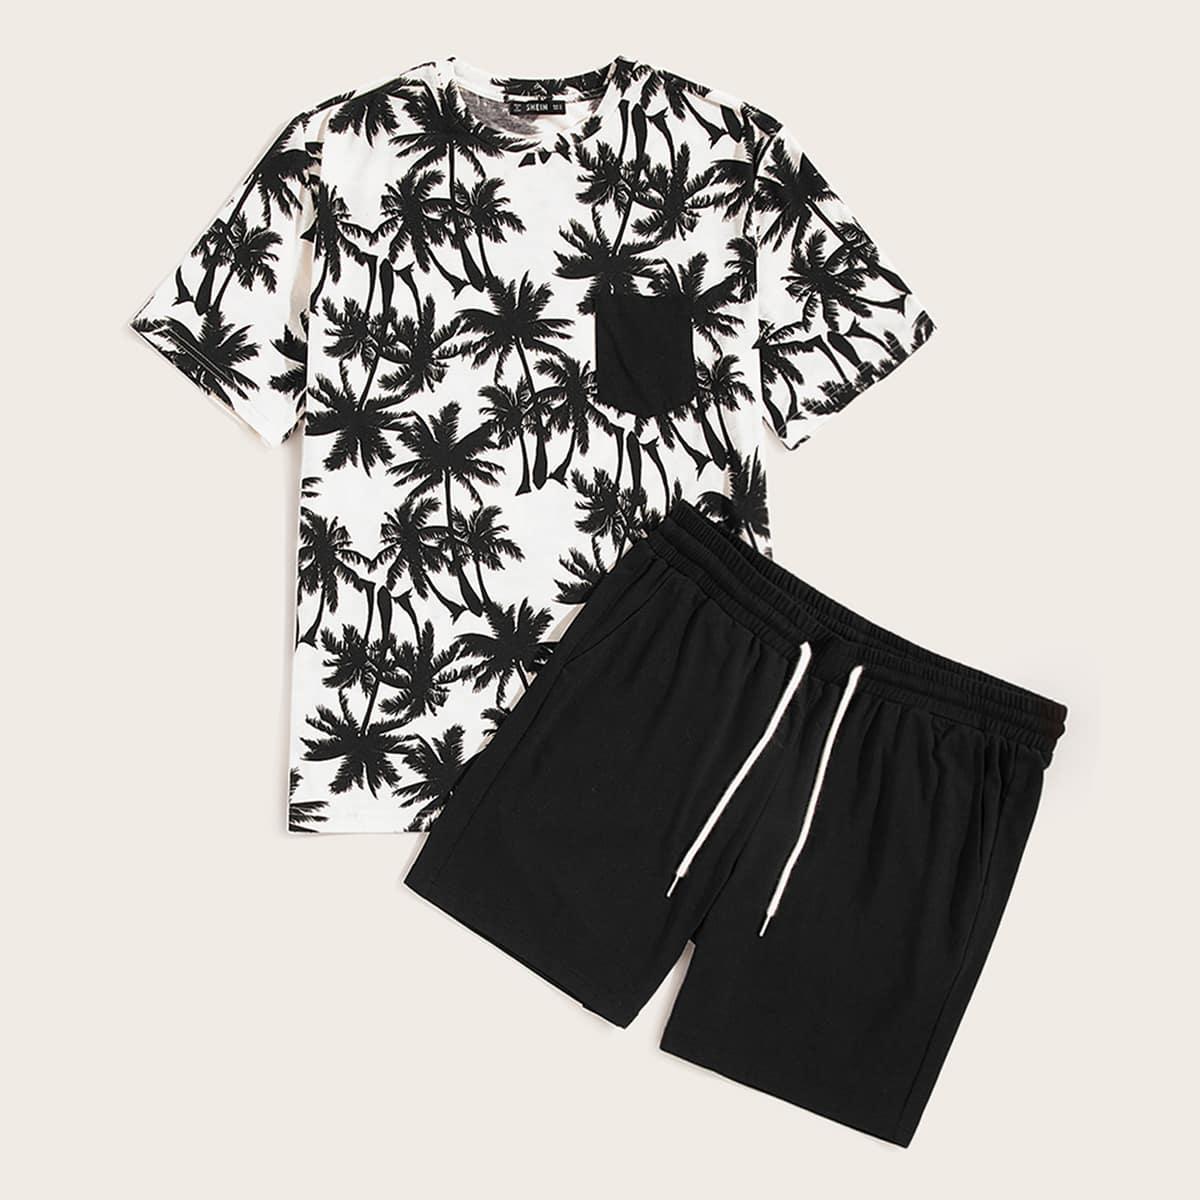 Мужские шорты и футболка с графическим принтом от SHEIN